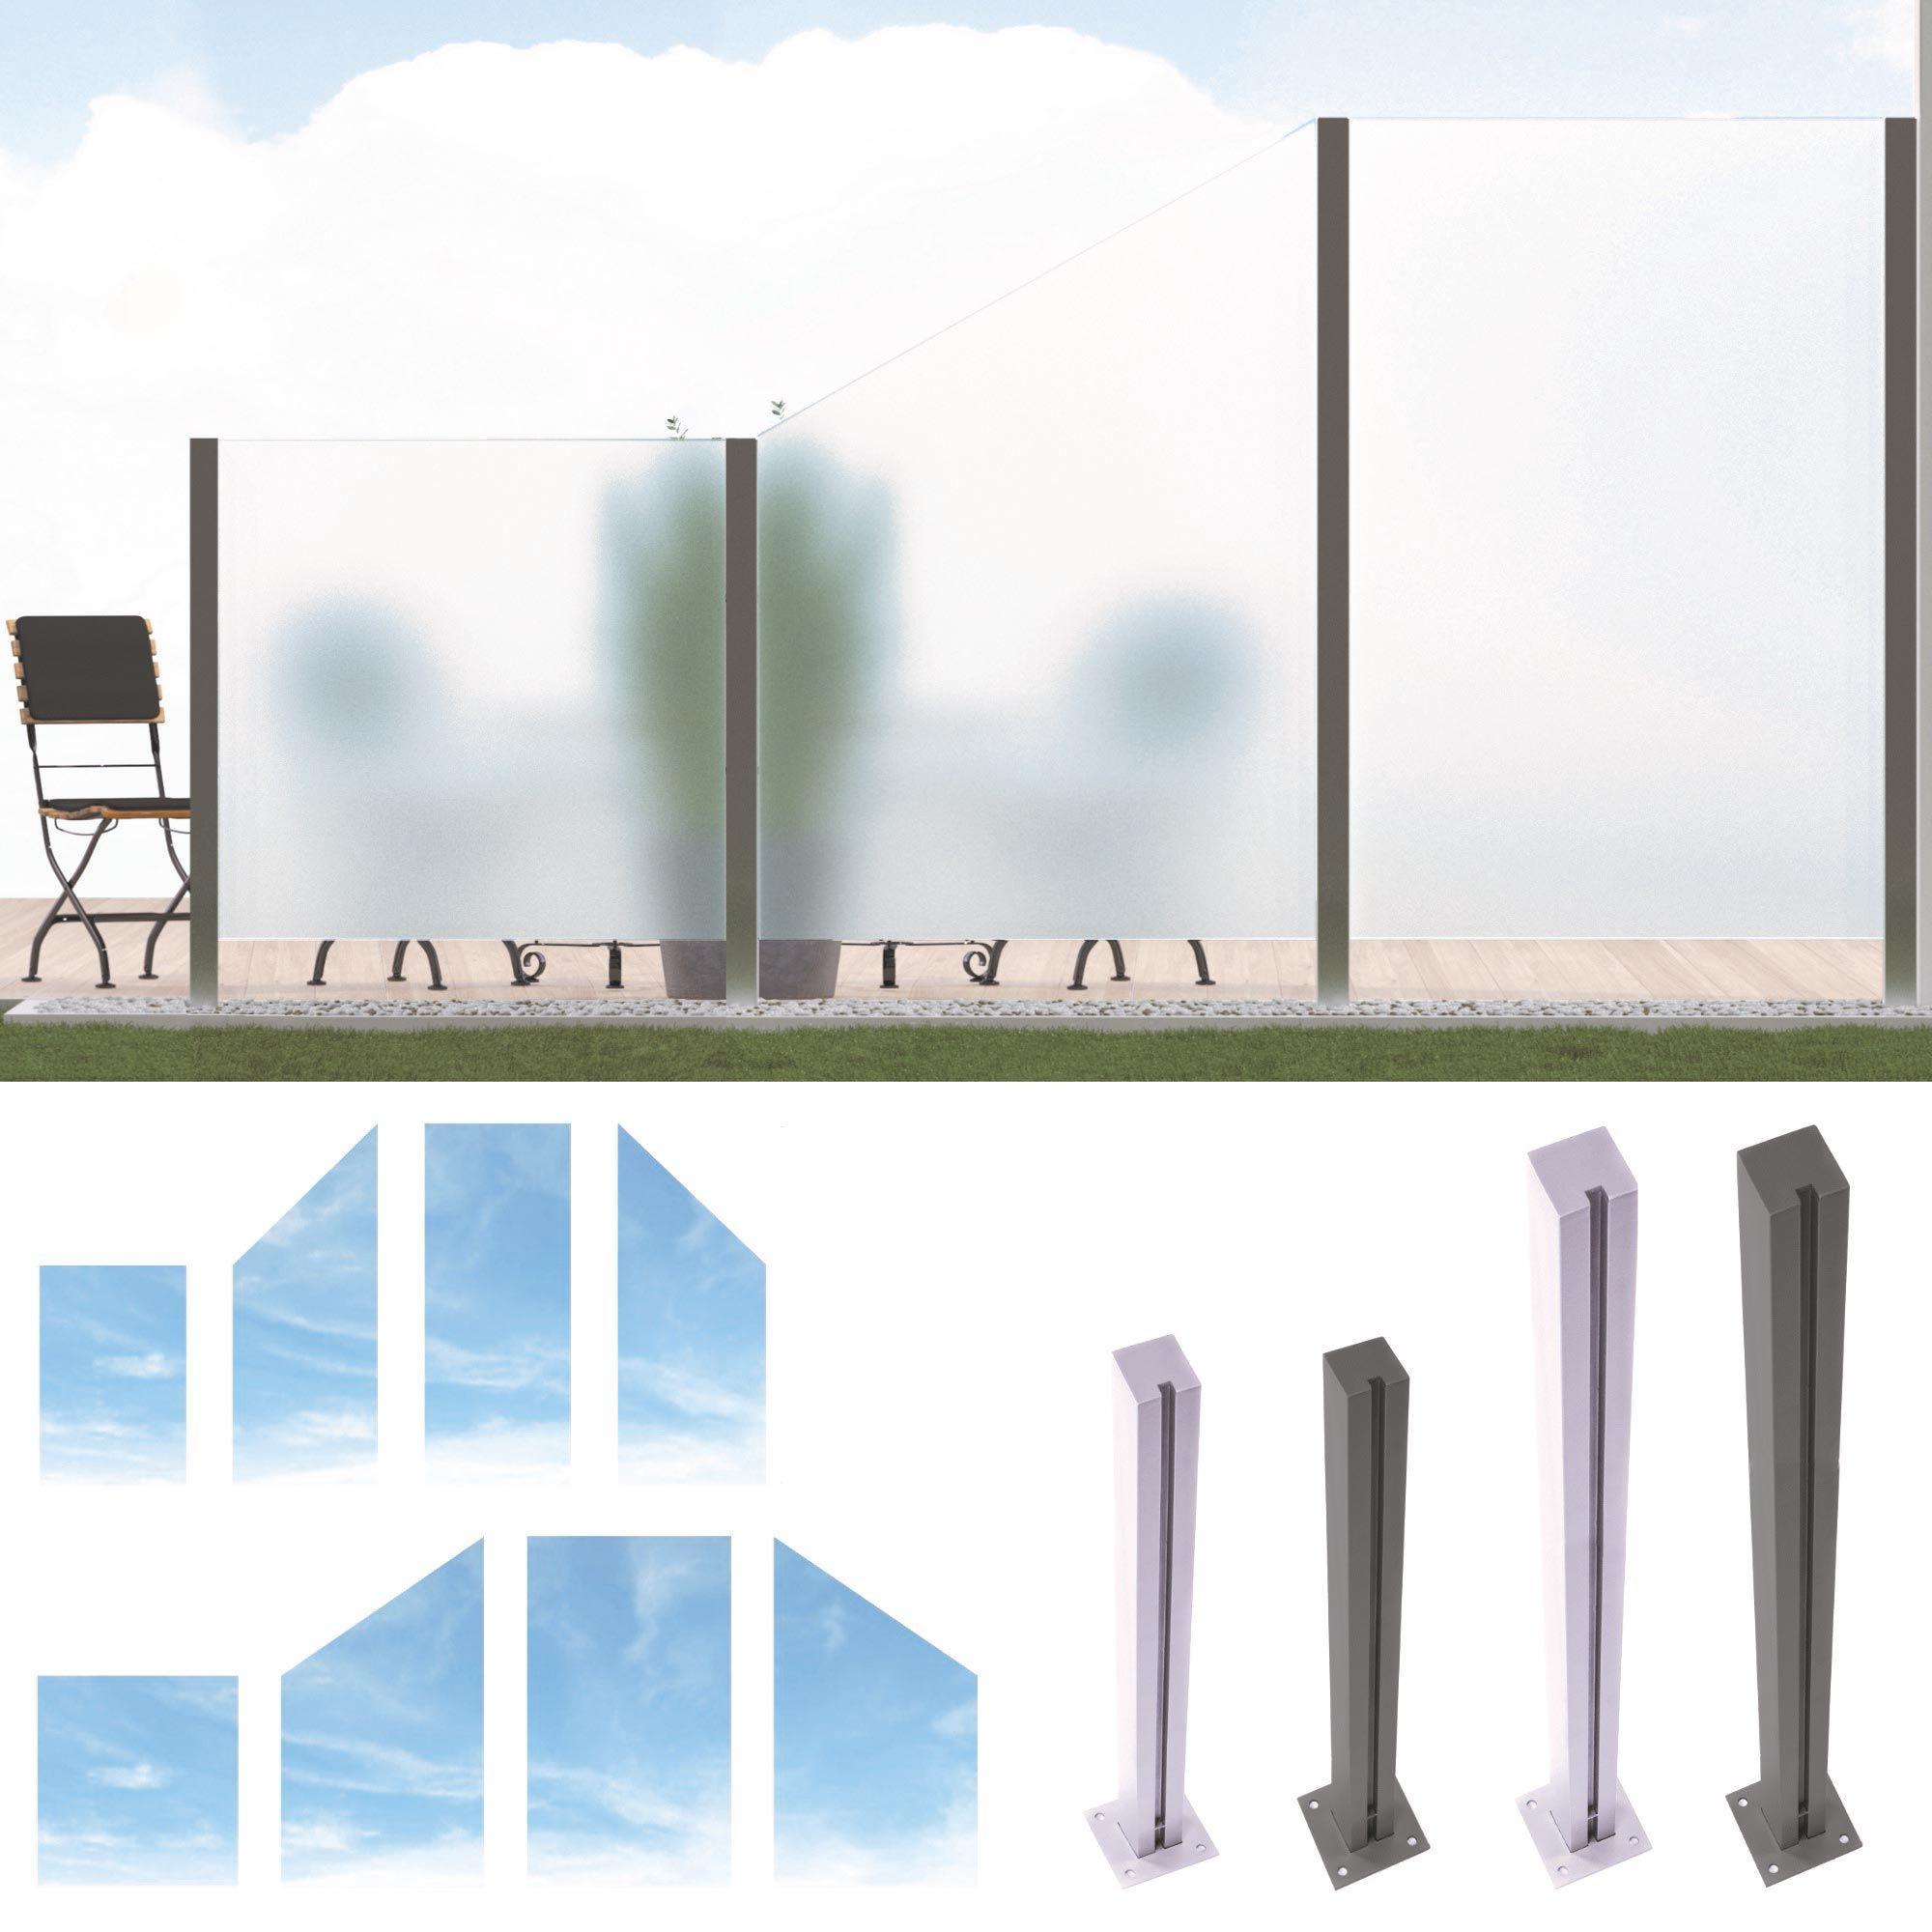 Hochwertiger Design Glas Sichtschutz Glaszaun Windschutz